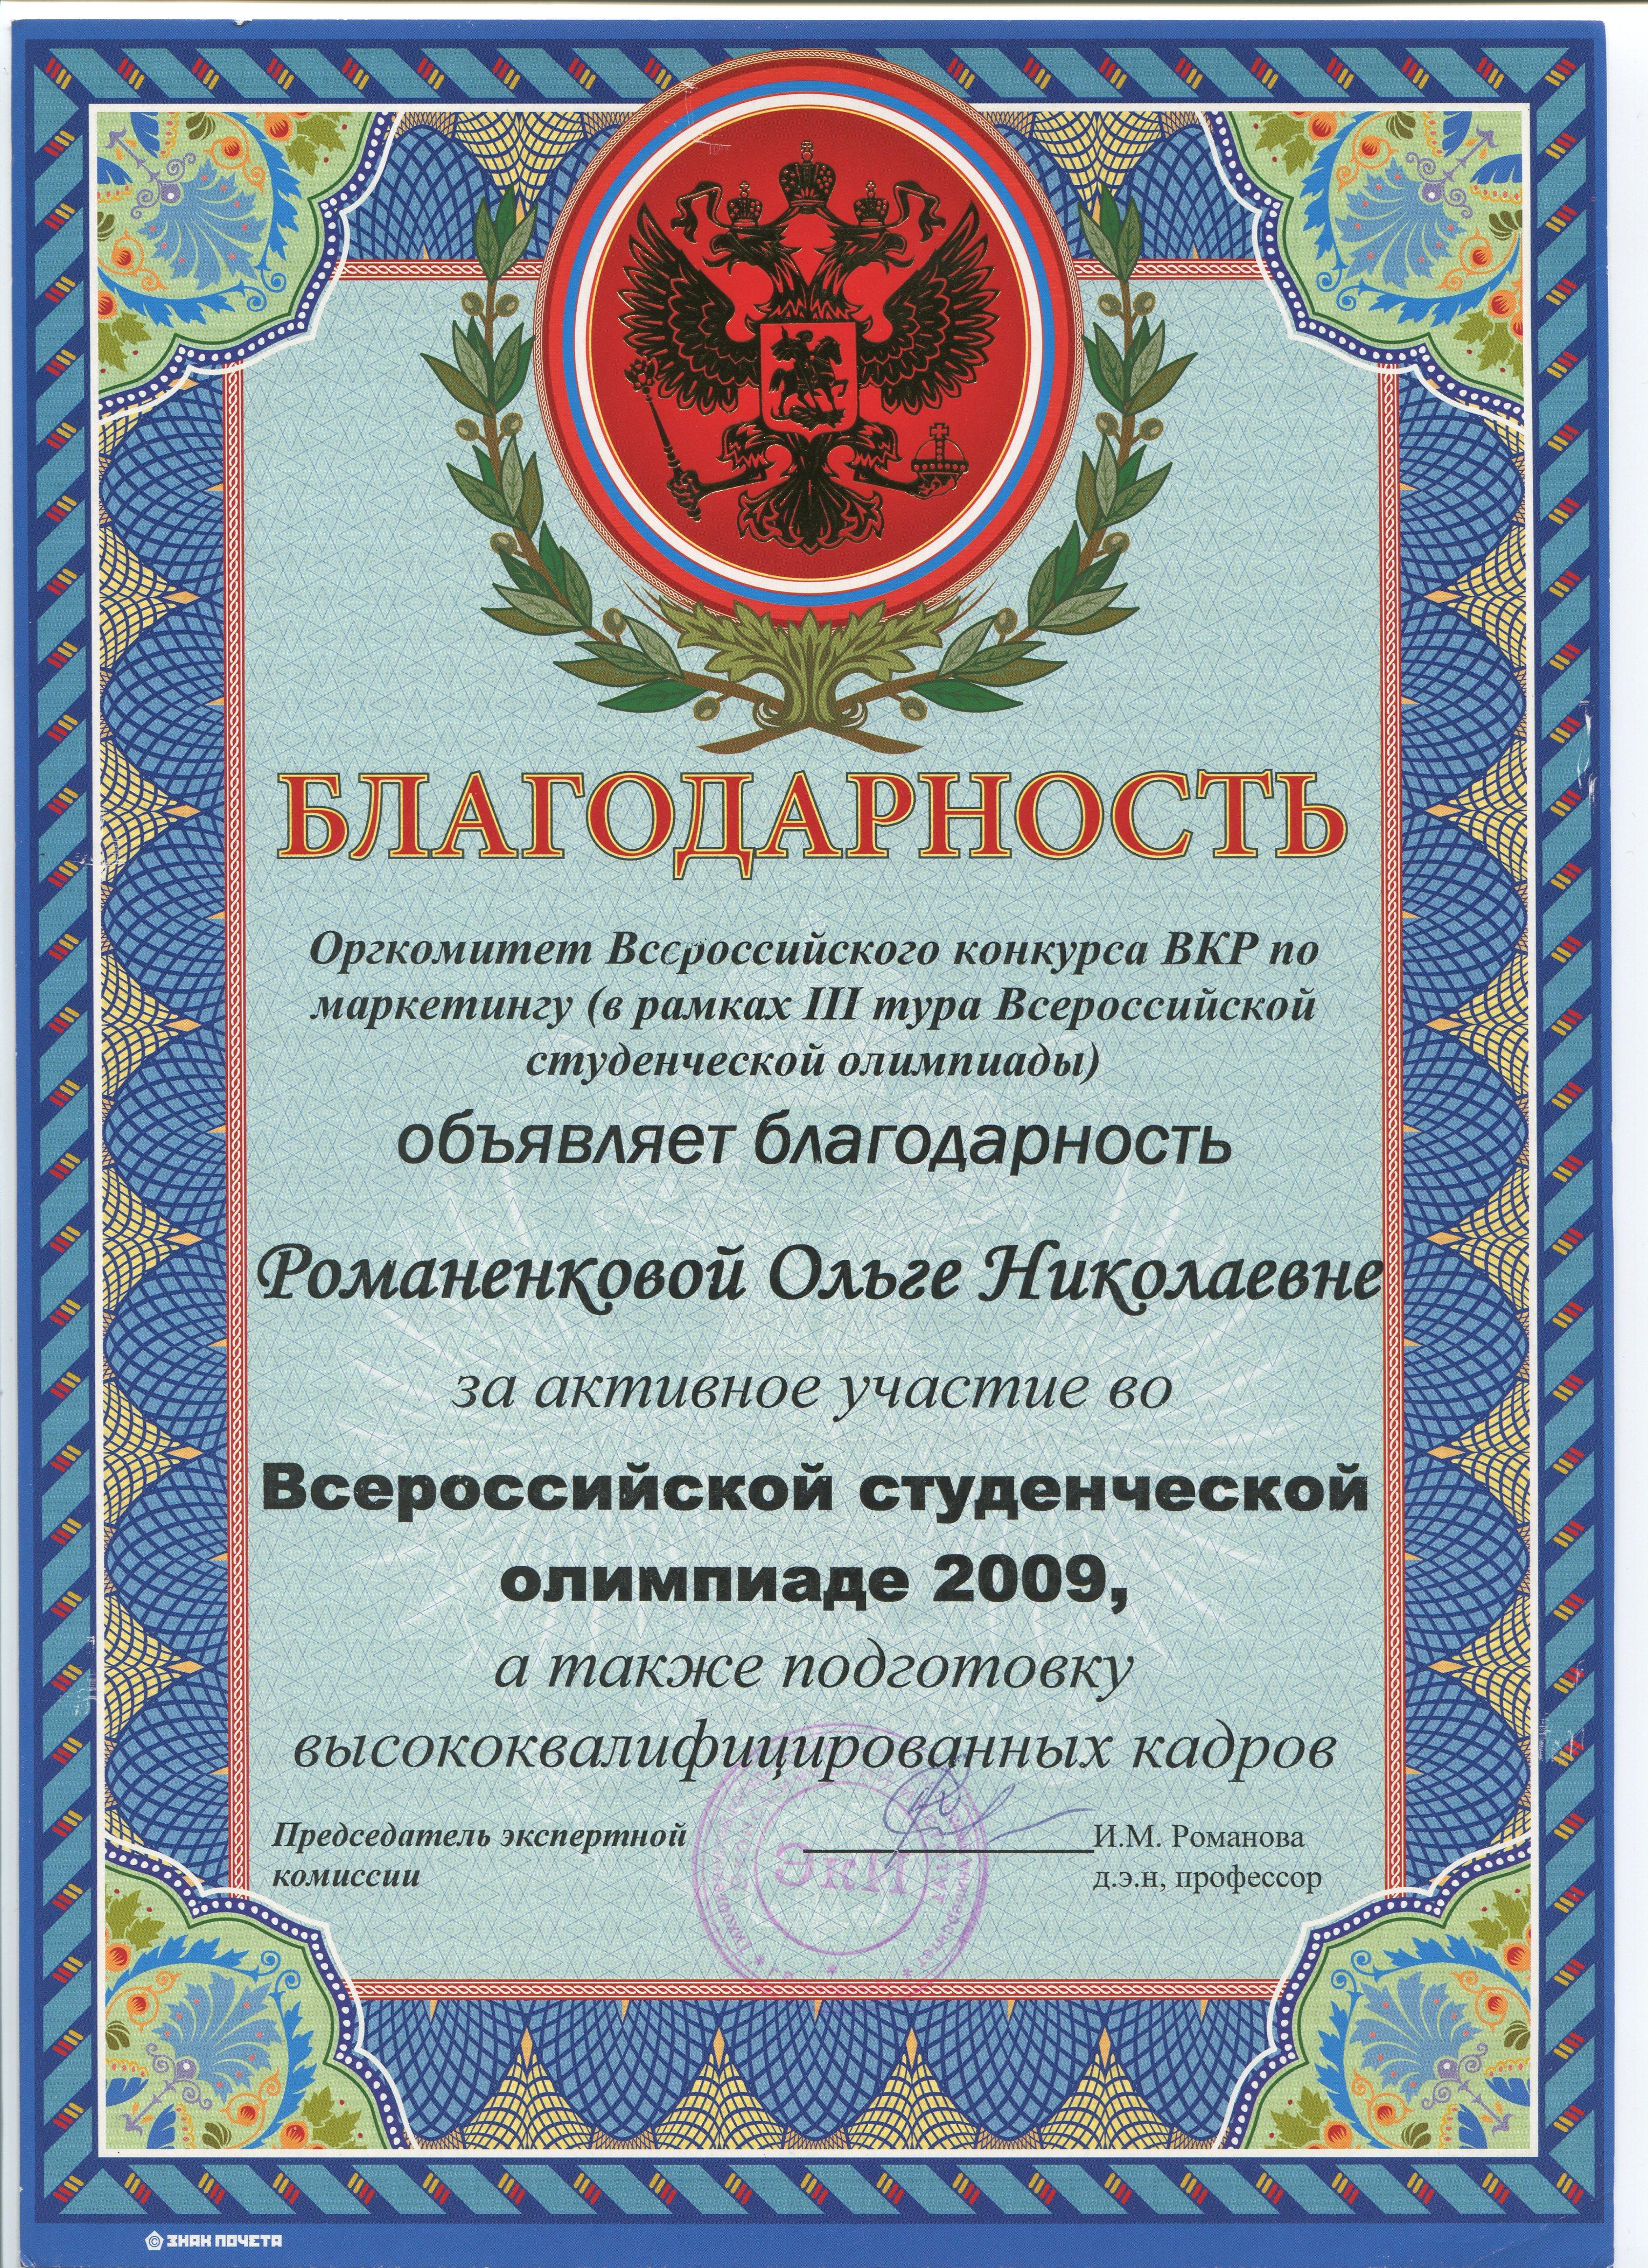 За подготовку высококвалифицированных кадров Романенкова О.Н.